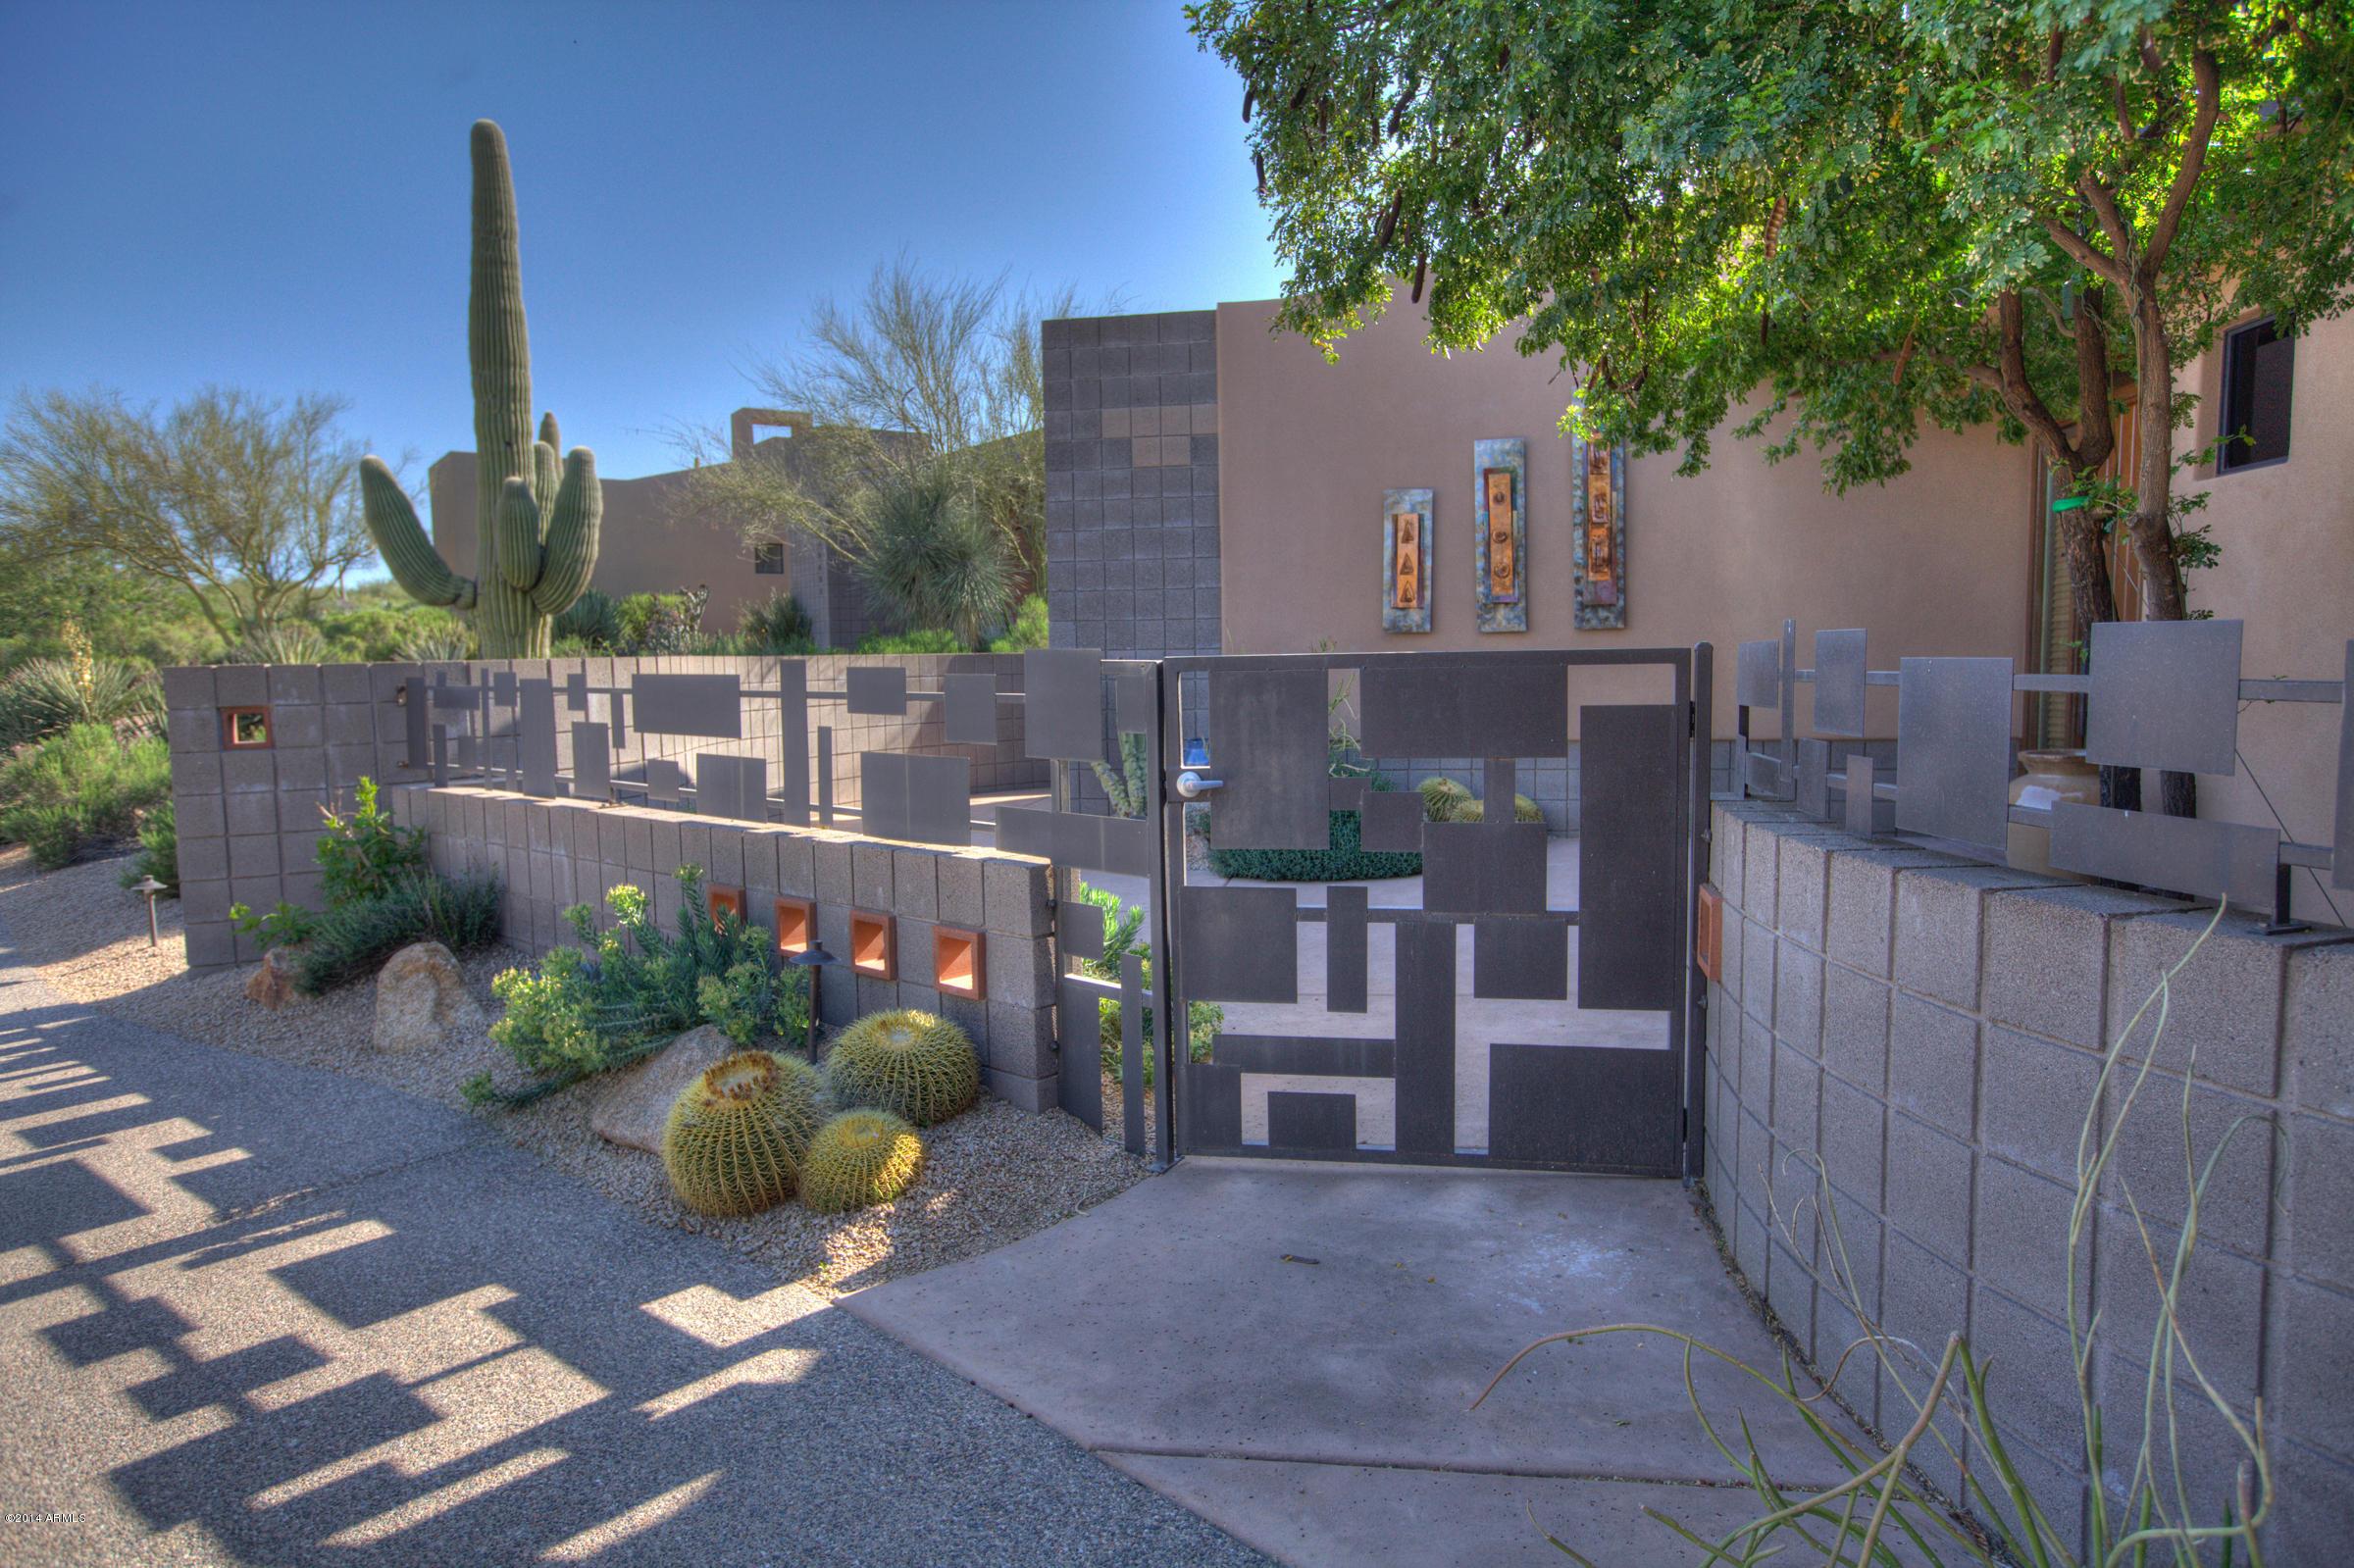 39677 N 107th Way, Scottsdale AZ 85262 - Photo 2